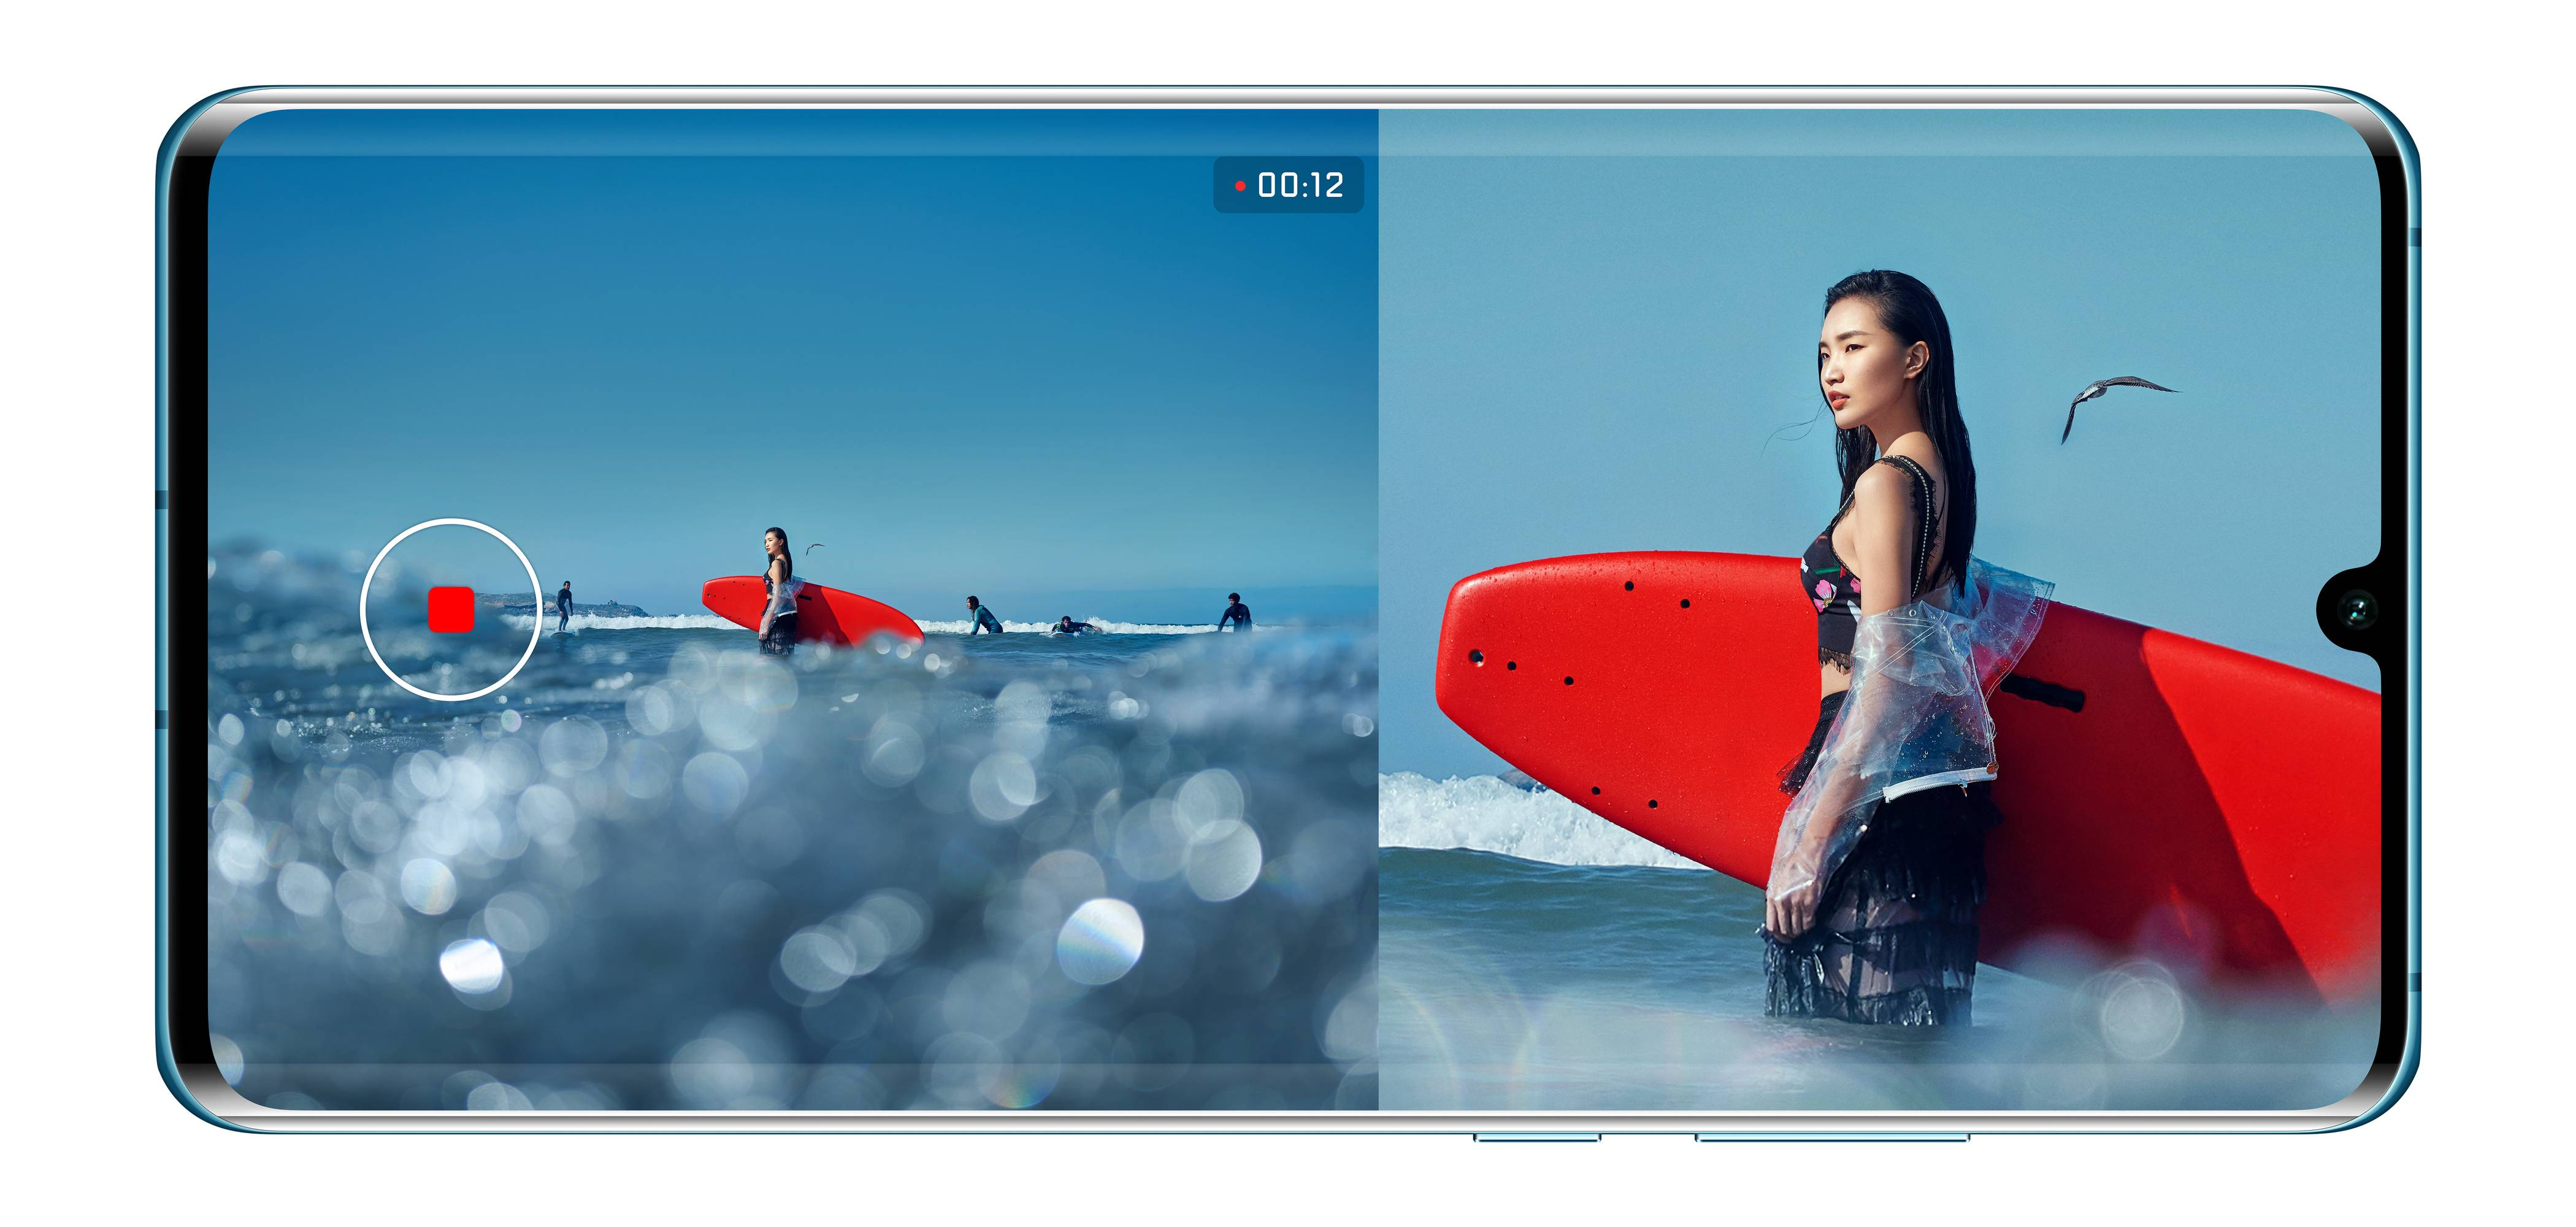 Huawei Dual View